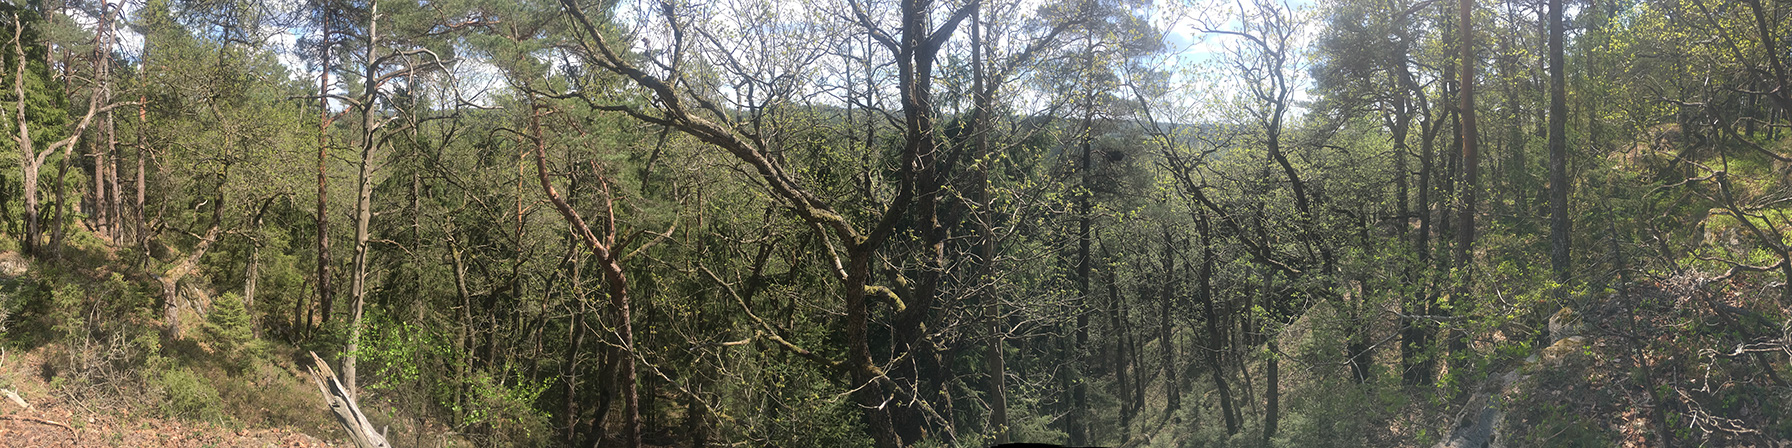 Skarnhålans gammelskog